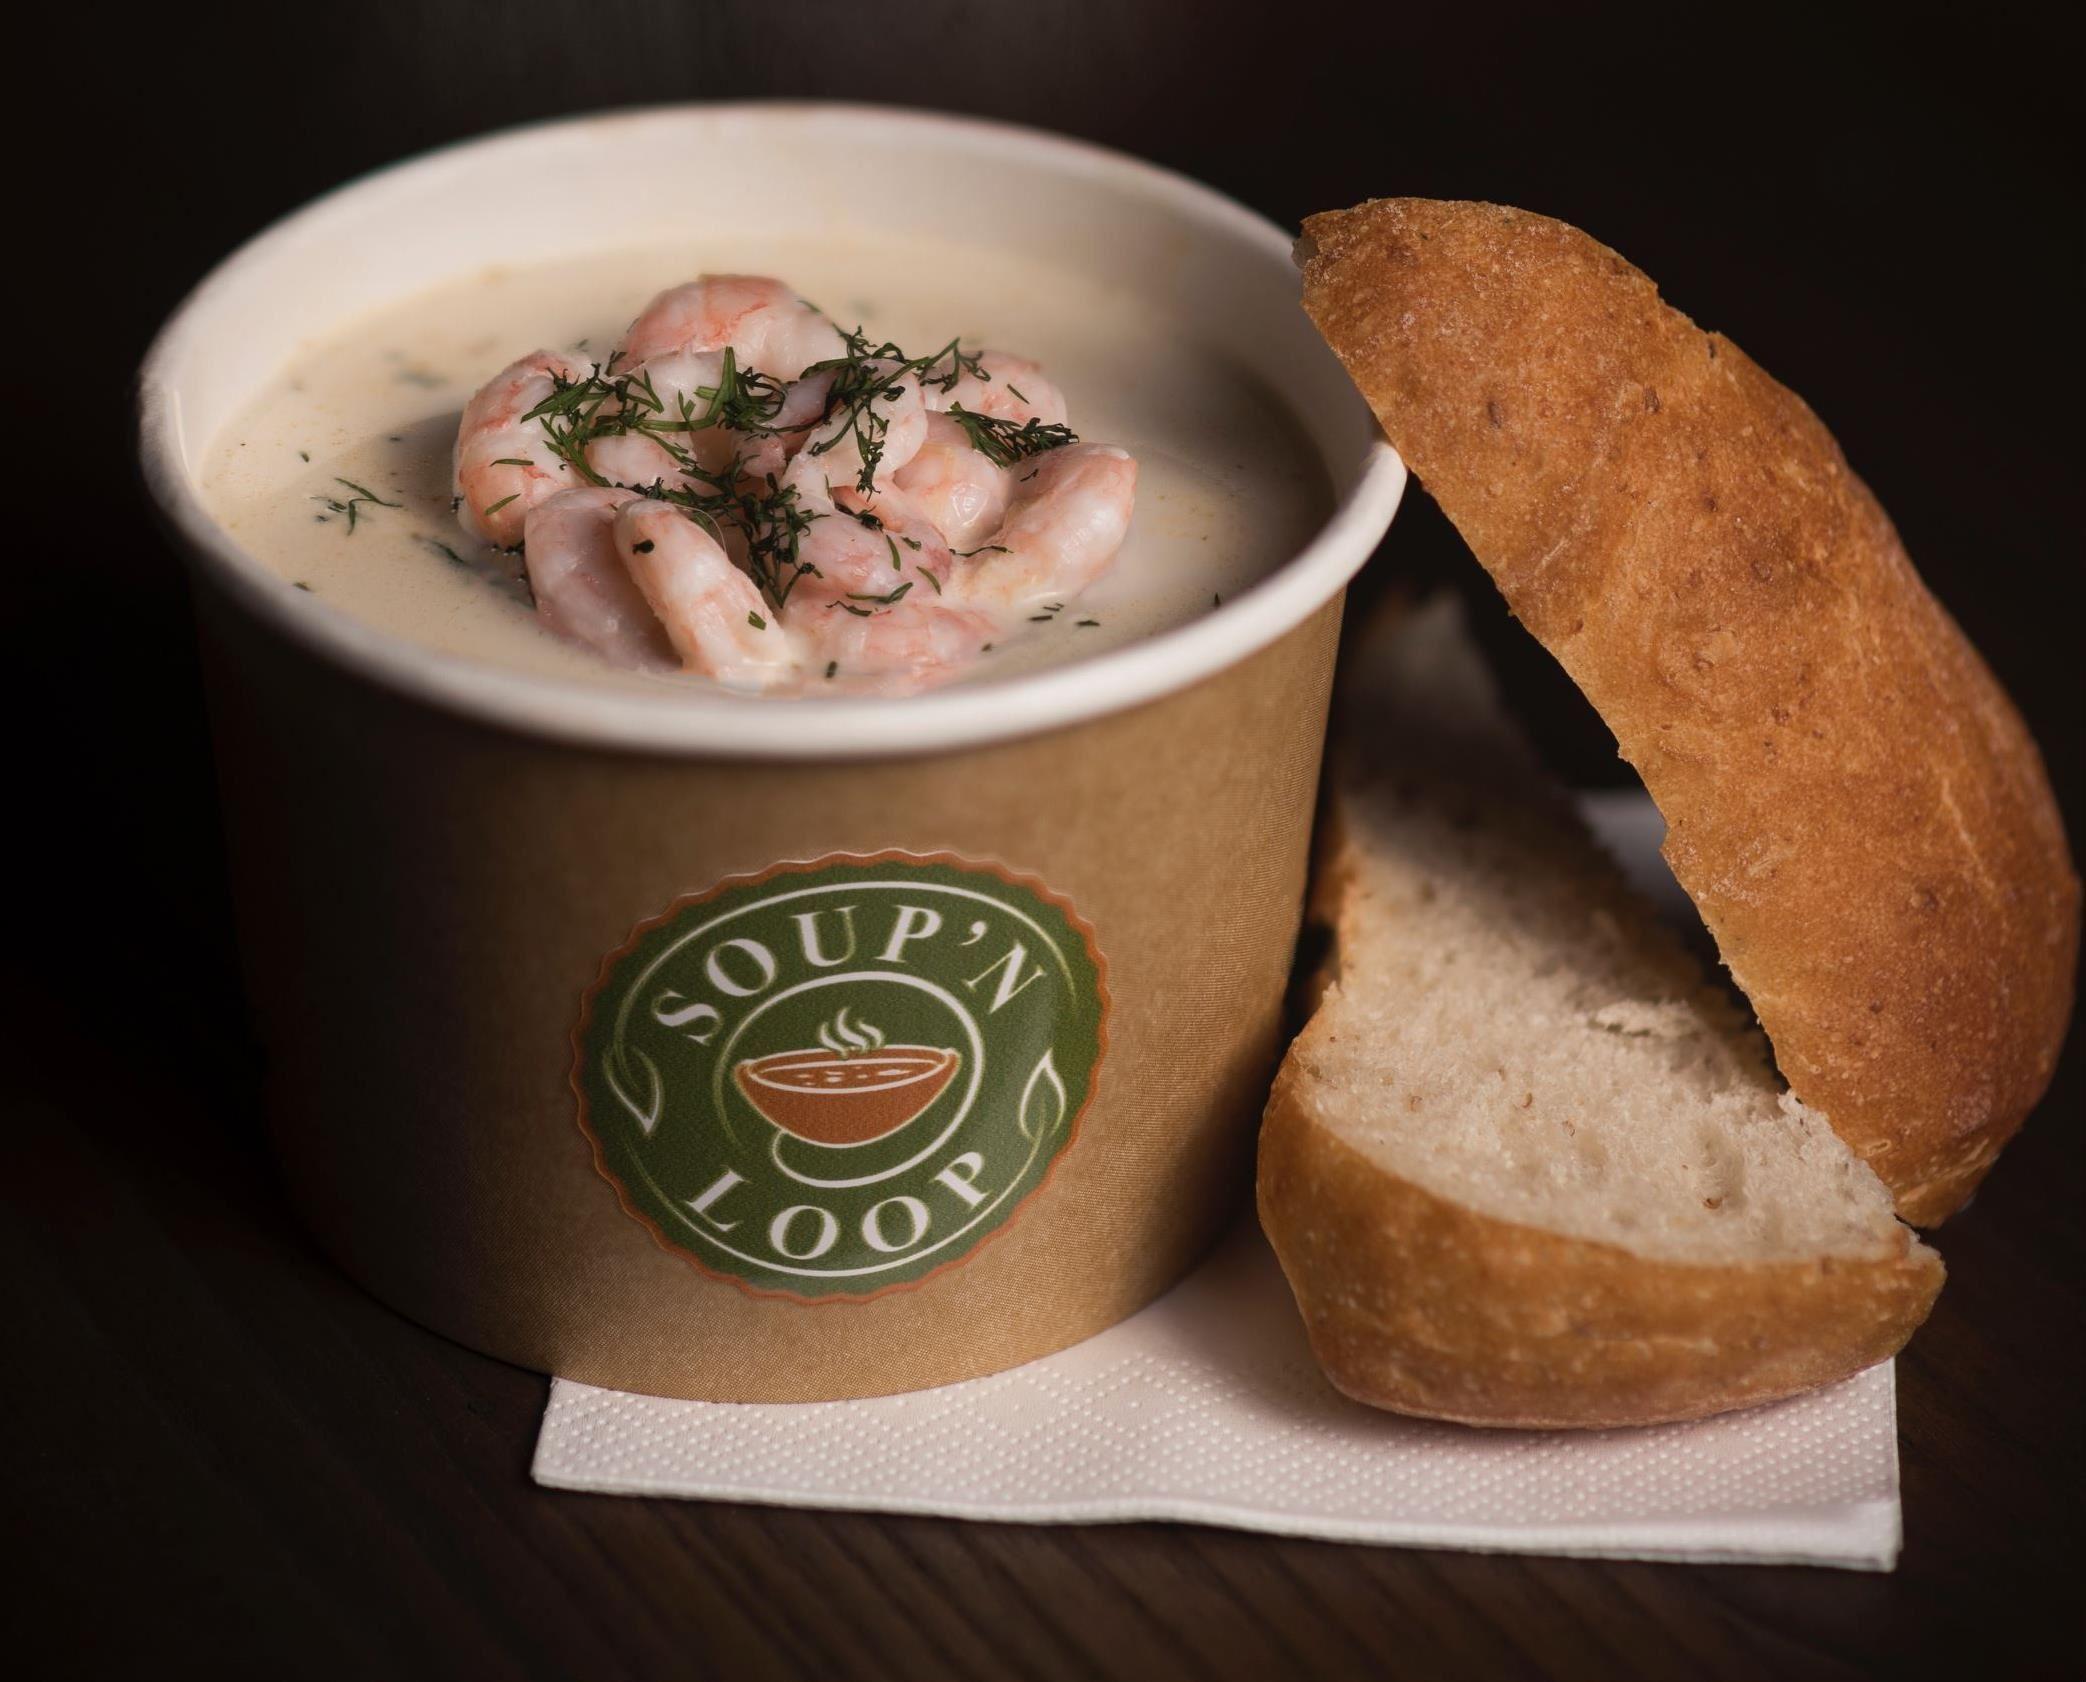 Soppa från Soup'n Loop